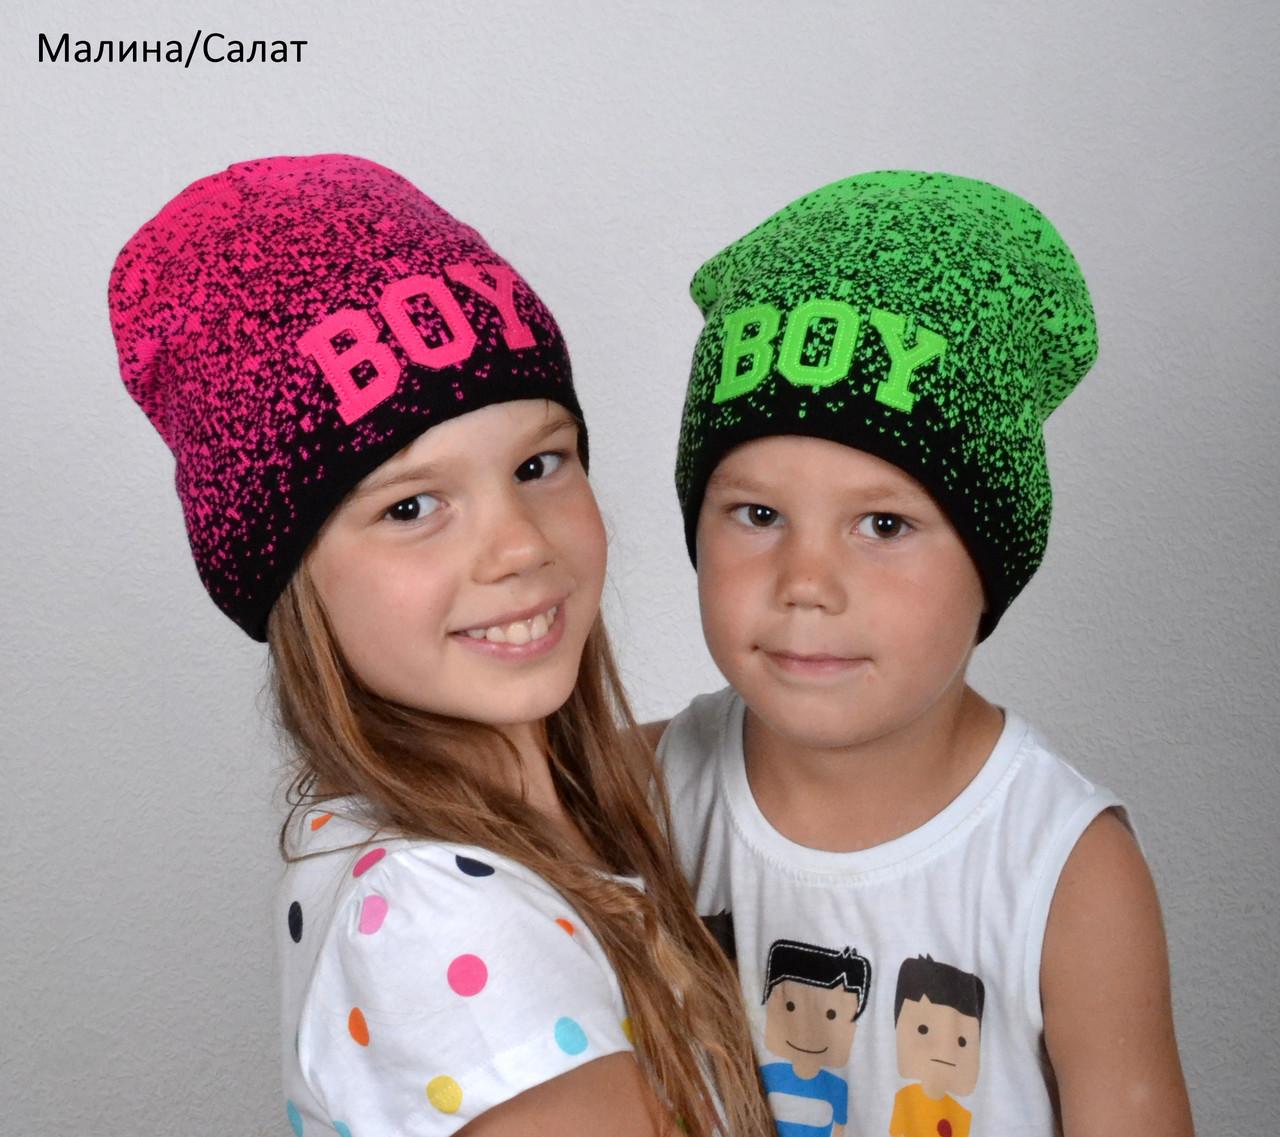 №114 BOY шапка мальчик/девочка. 3-7 лет р.50-54. 1,5 слоя. Есть малина, оранж